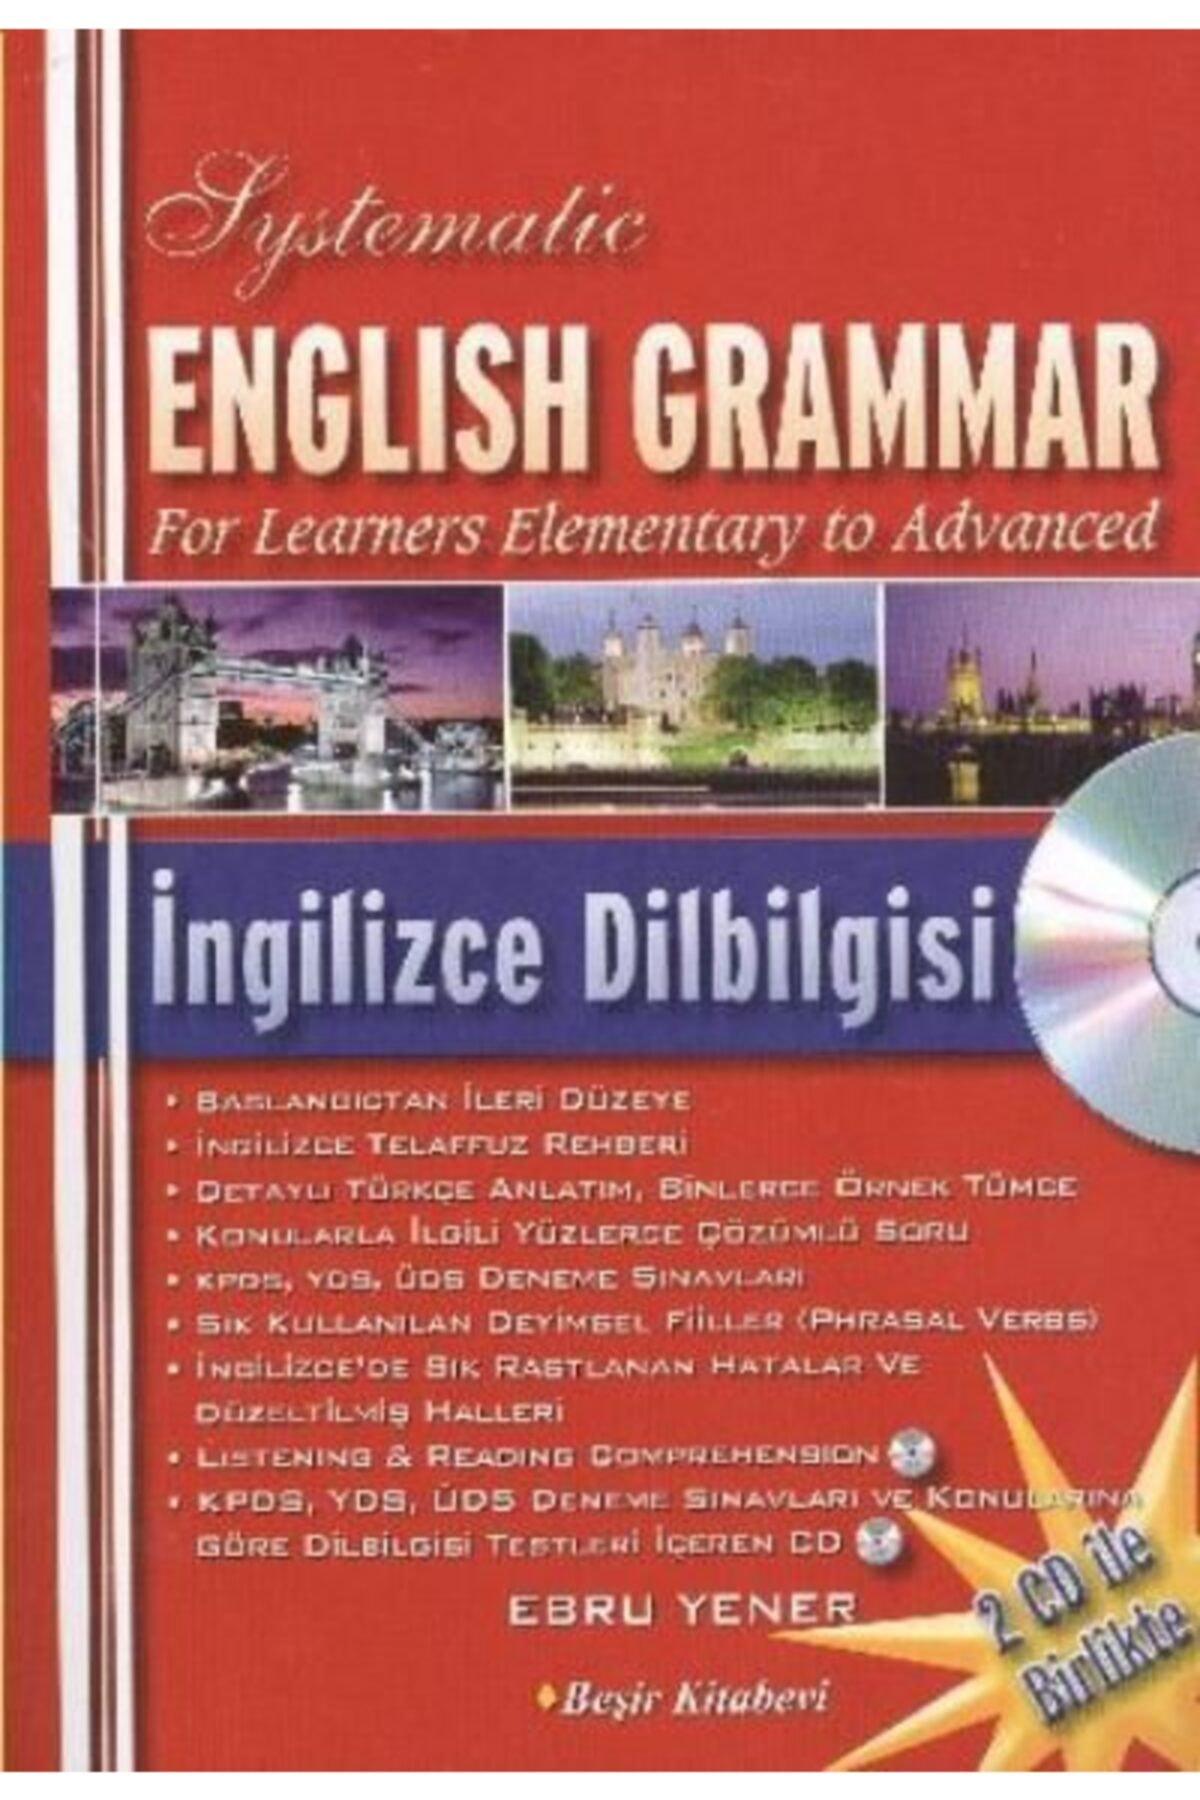 Beşir Kitabevi Systematic English Grammar - Ingilizce Dilbilgisi (cdli)   Ebru Yener   1